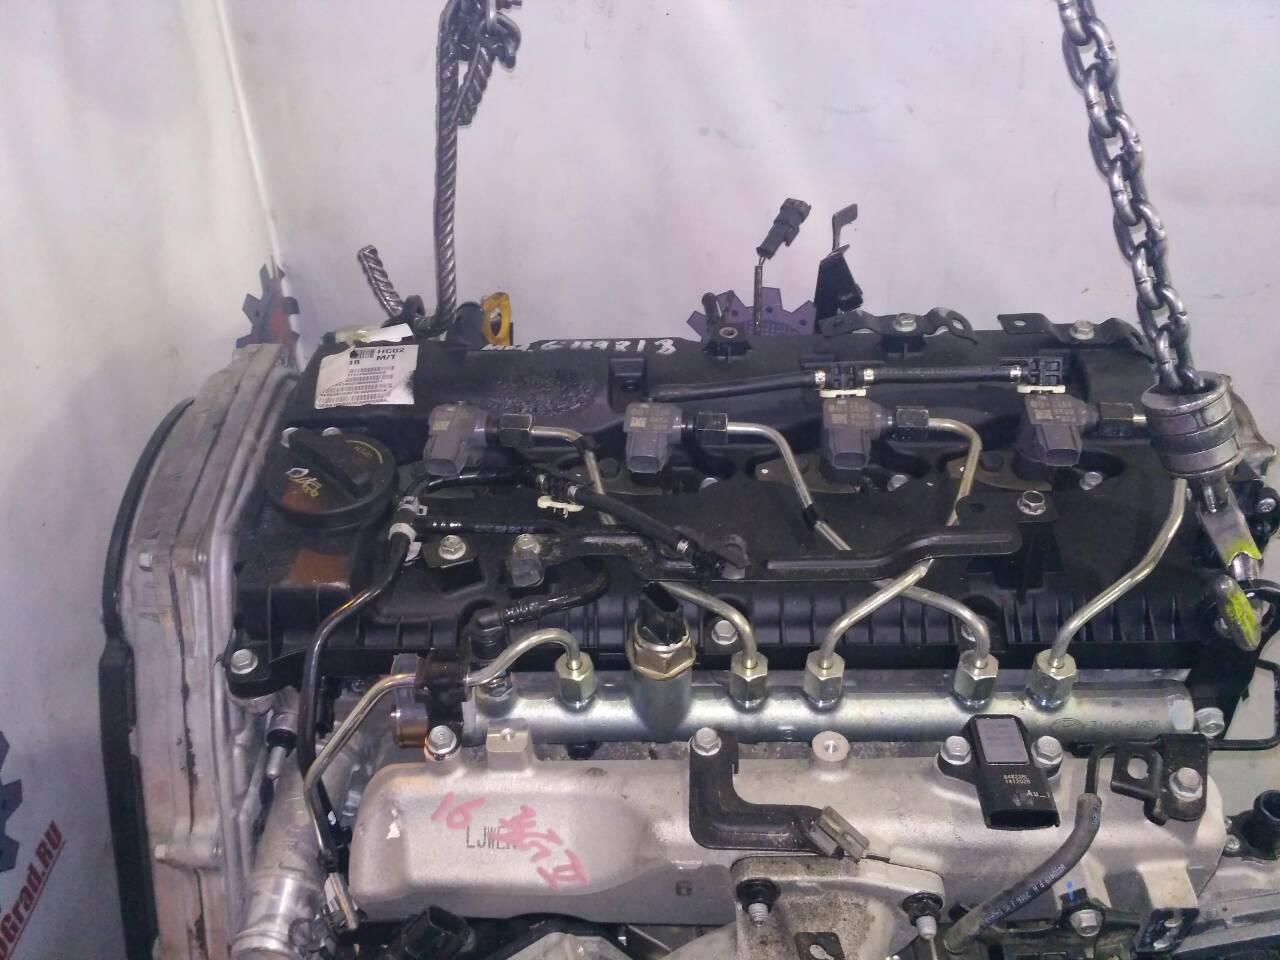 Двигатель Hyundai Porter. Кузов: 2. D4CB. , 2.5л.Дата выпуска: 2016.  фото 2